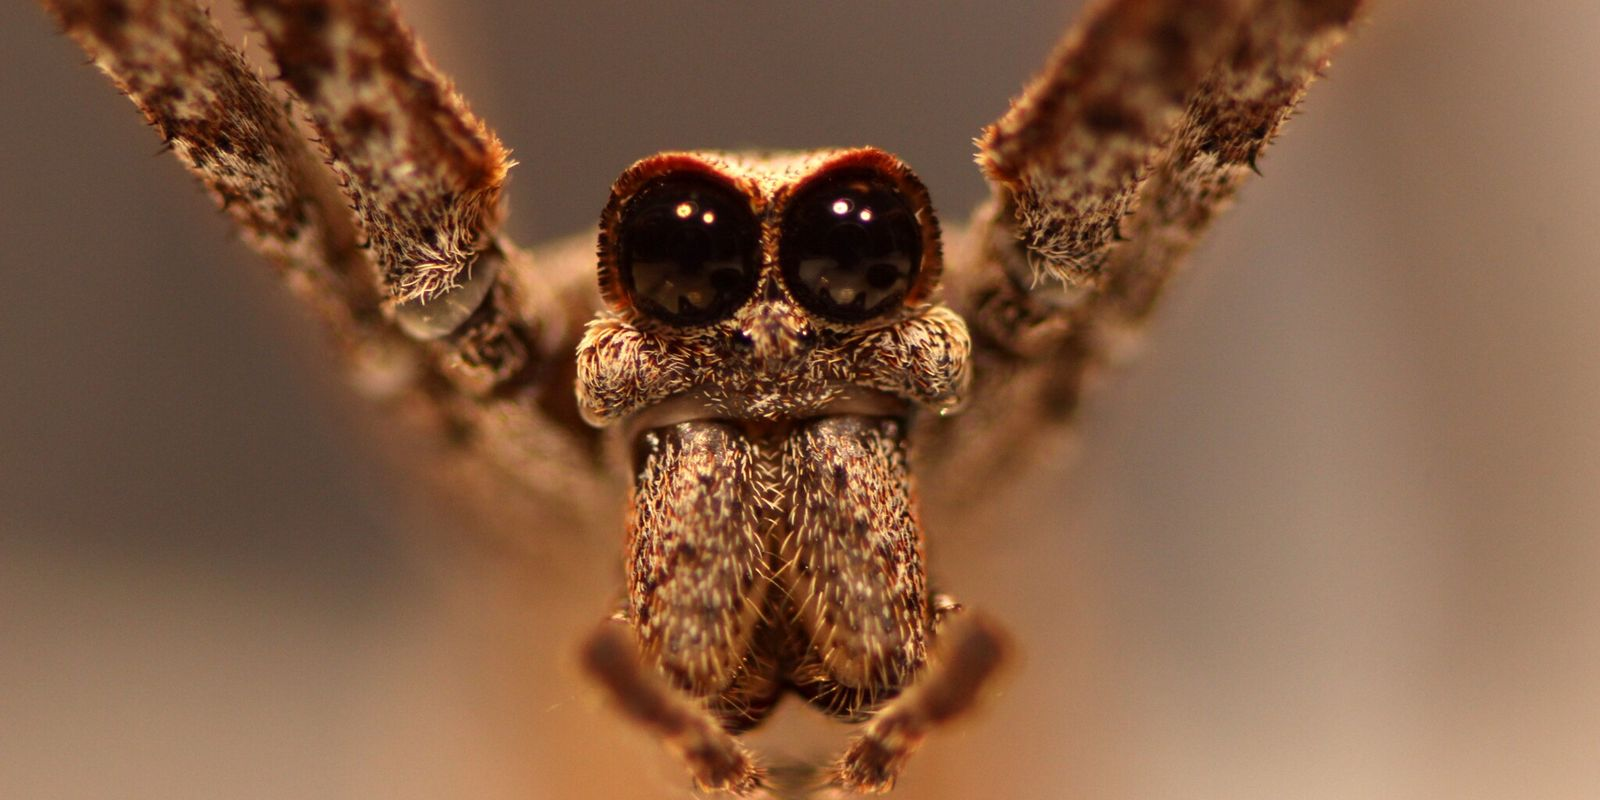 Hören ohne Ohren - ganz normal für diese Spinnen